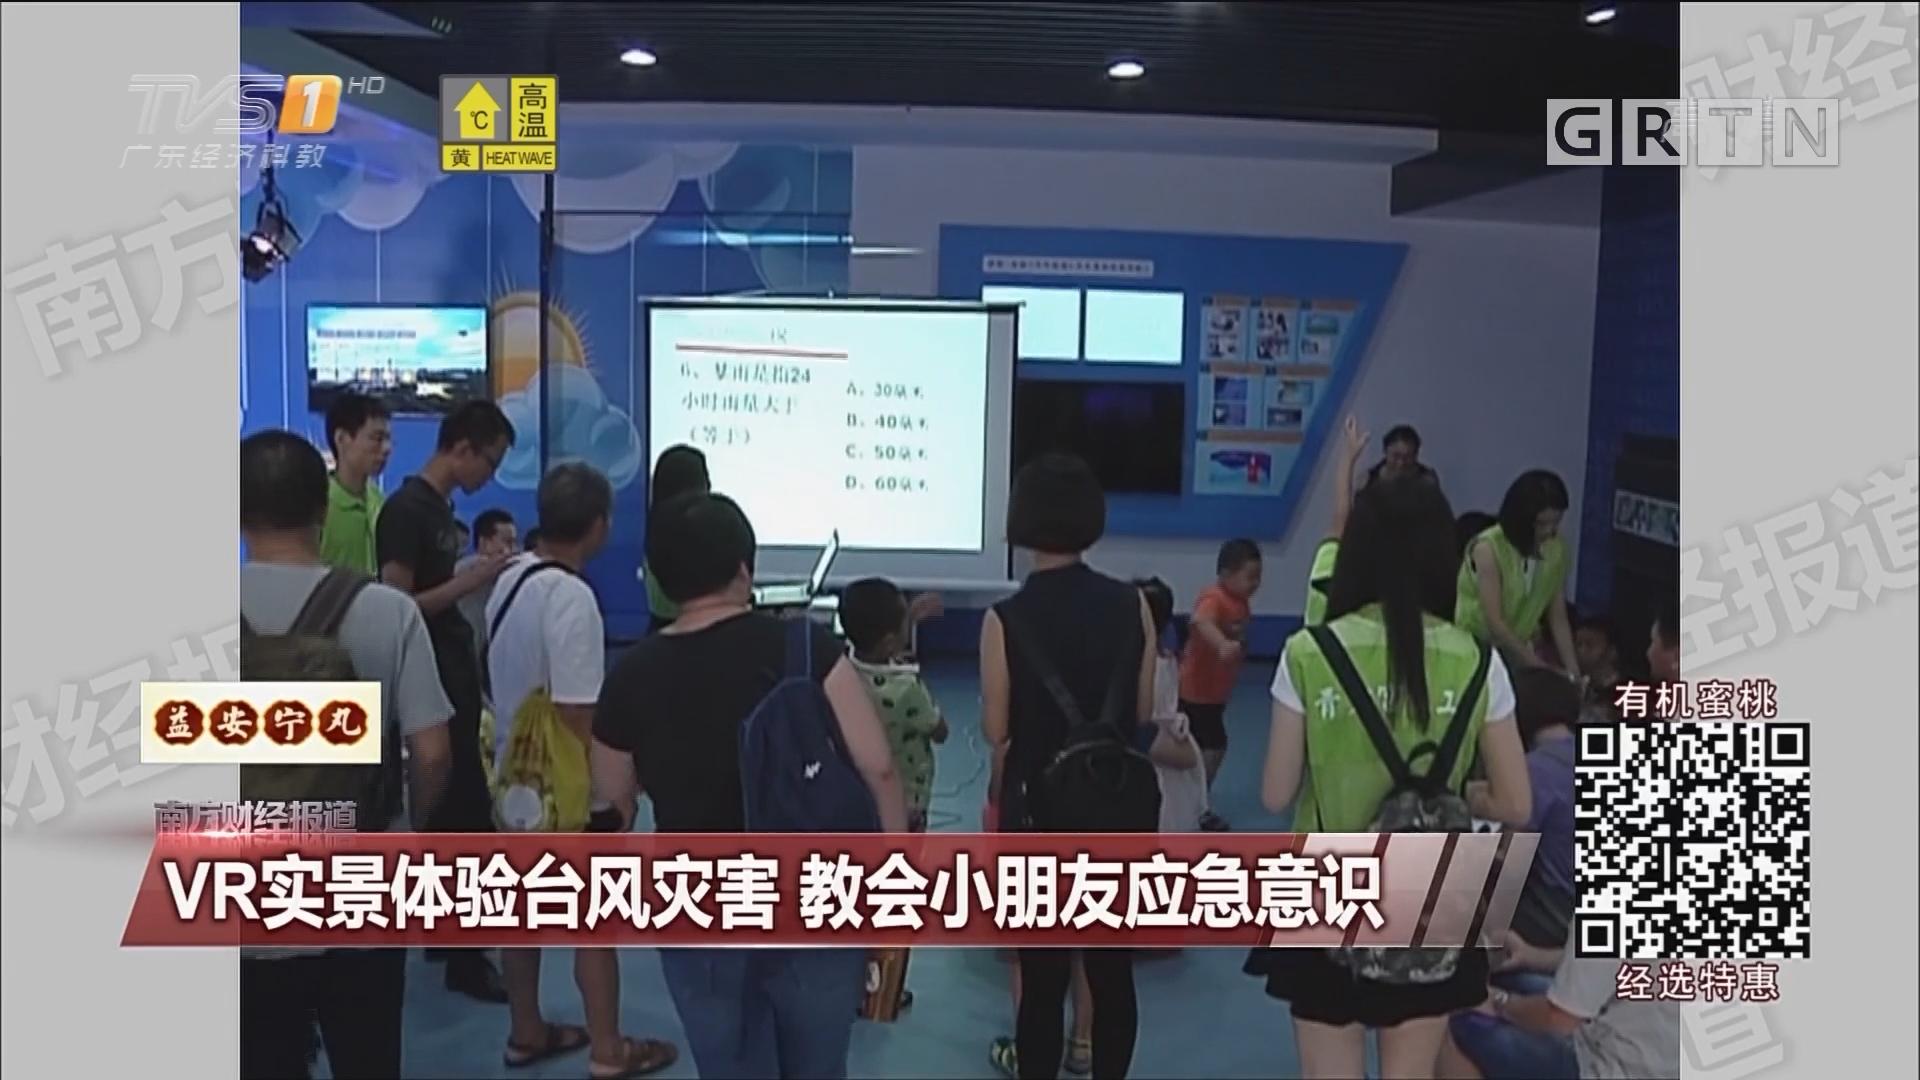 VR实景体验台风灾害 教会小朋友应急意识